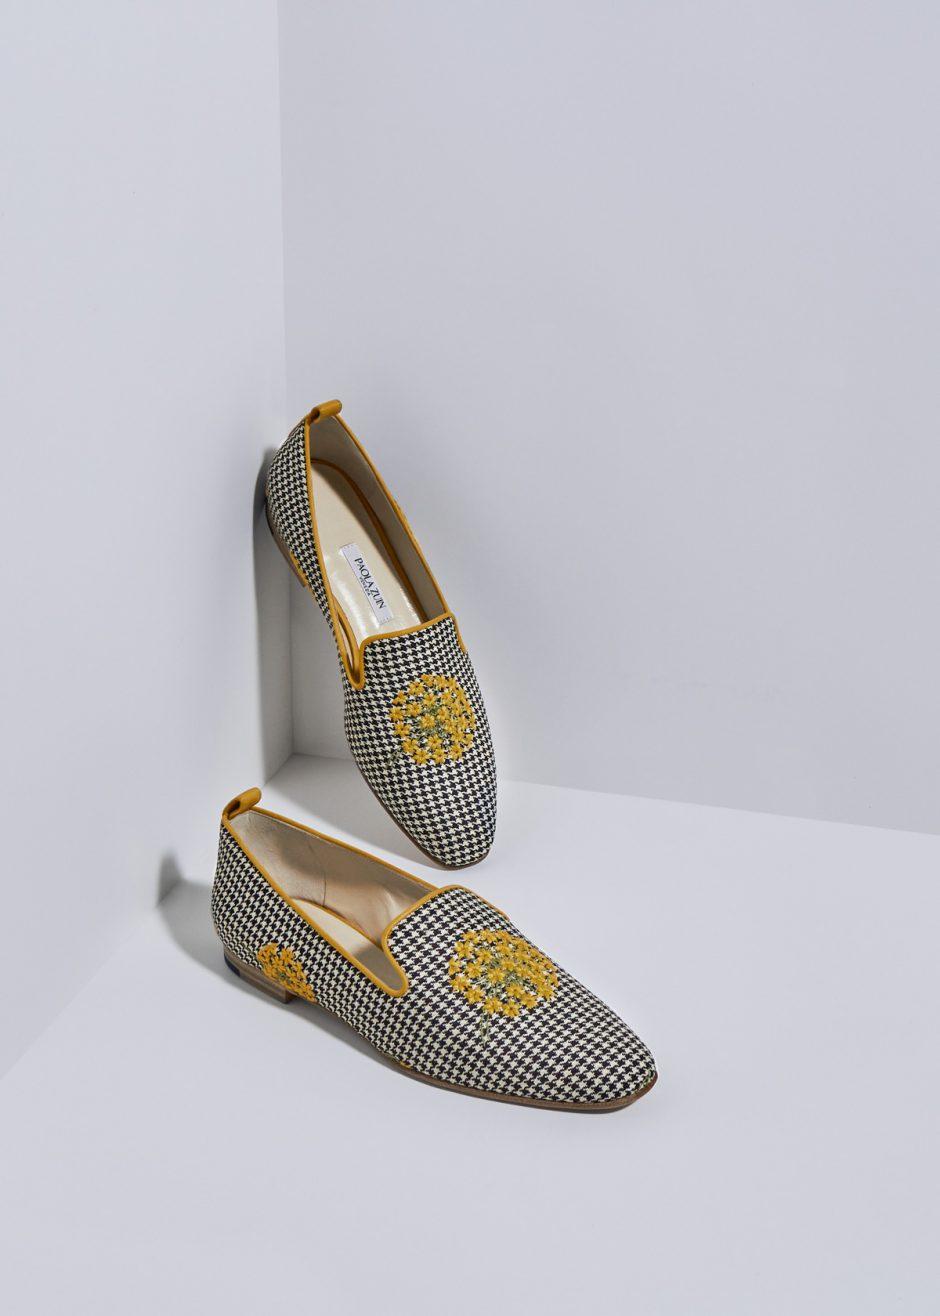 Sveva – Ballerina pied de poul b/n con fiorellini gialli